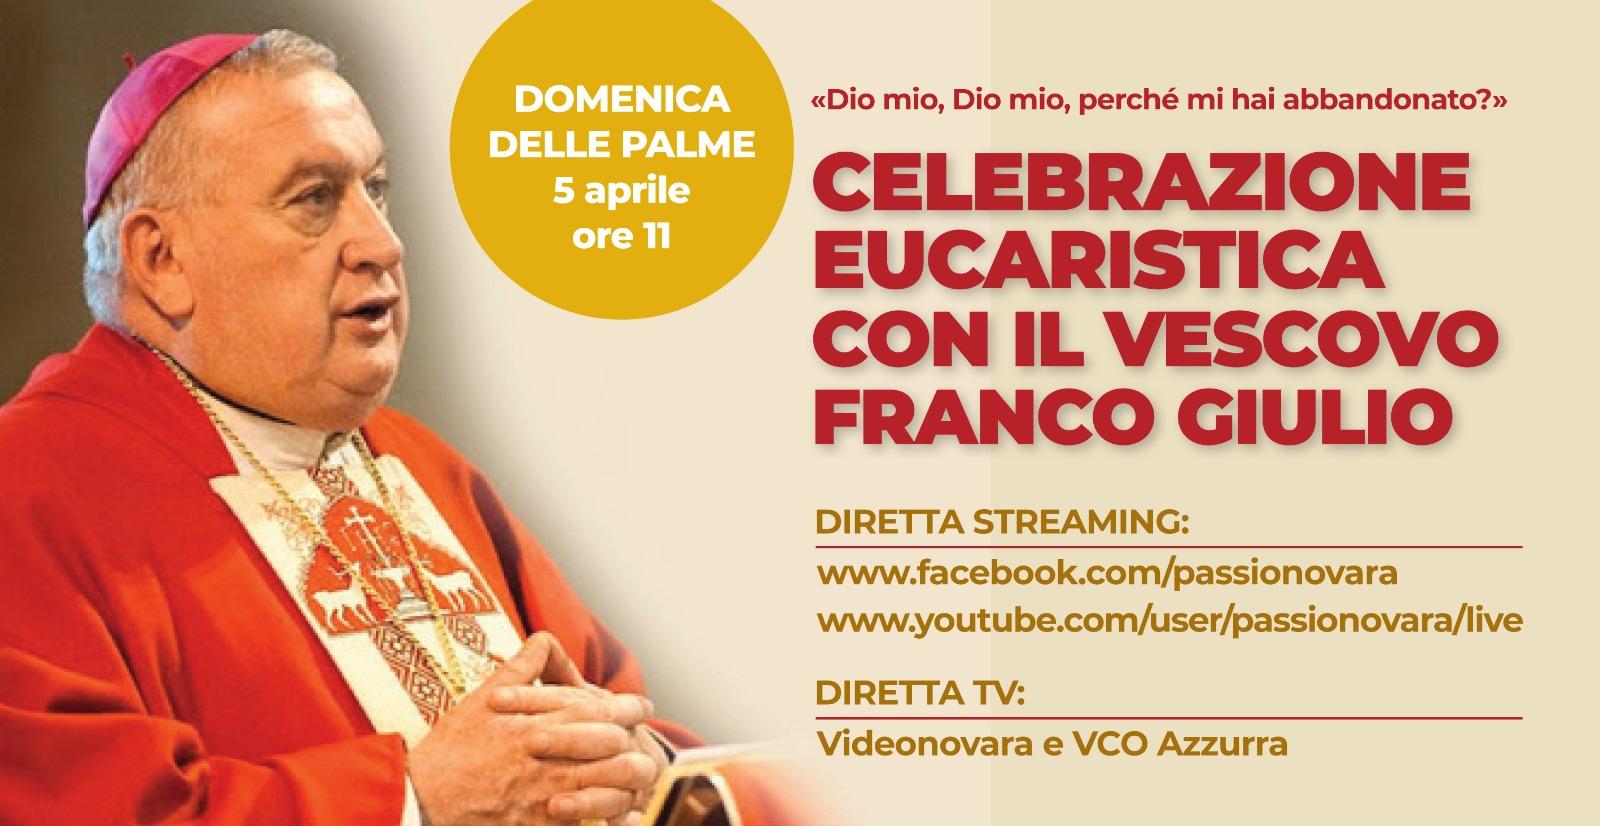 Domenica Messa del Vescovo in diretta TV e streaming + ogni giorno i sacerdoti di Galliate celebrano Messa in casa